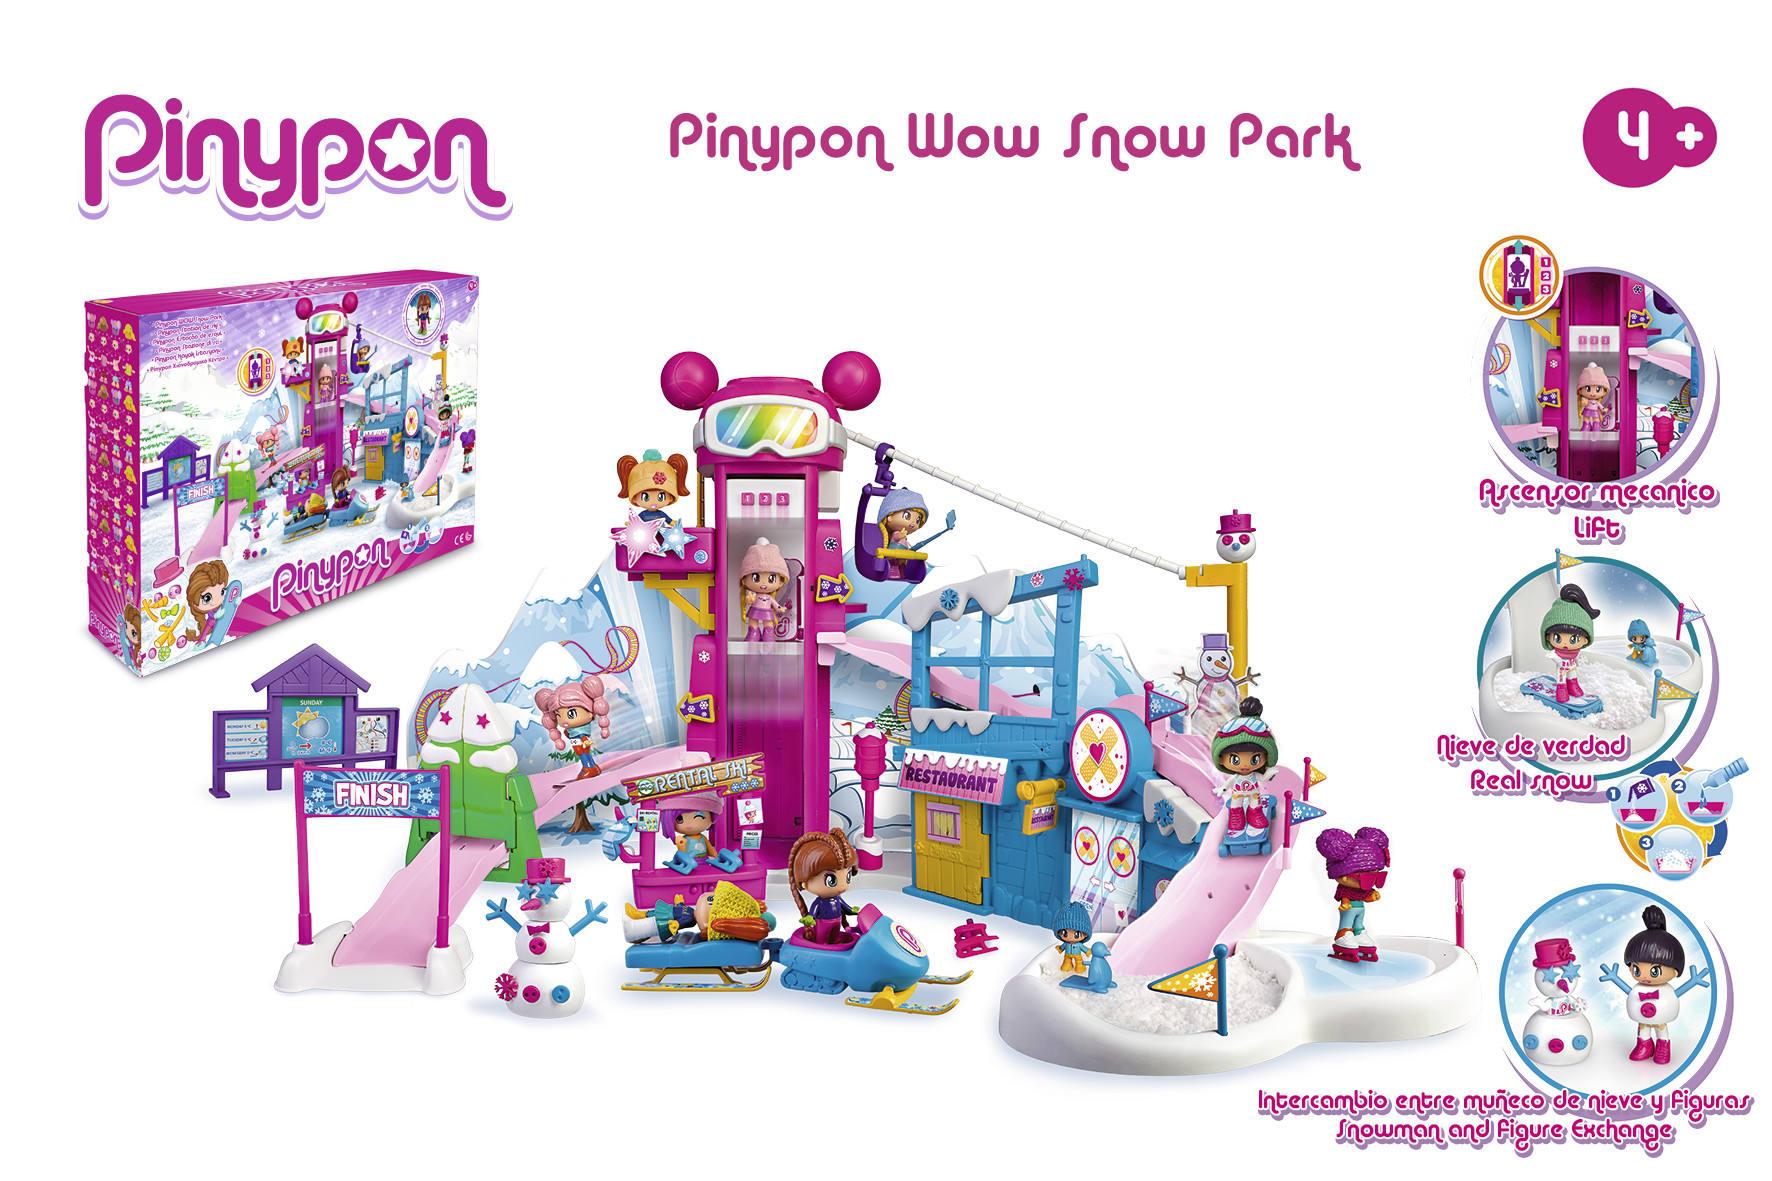 ESTACION DE ESQUI PINYPON 15780 - N38820